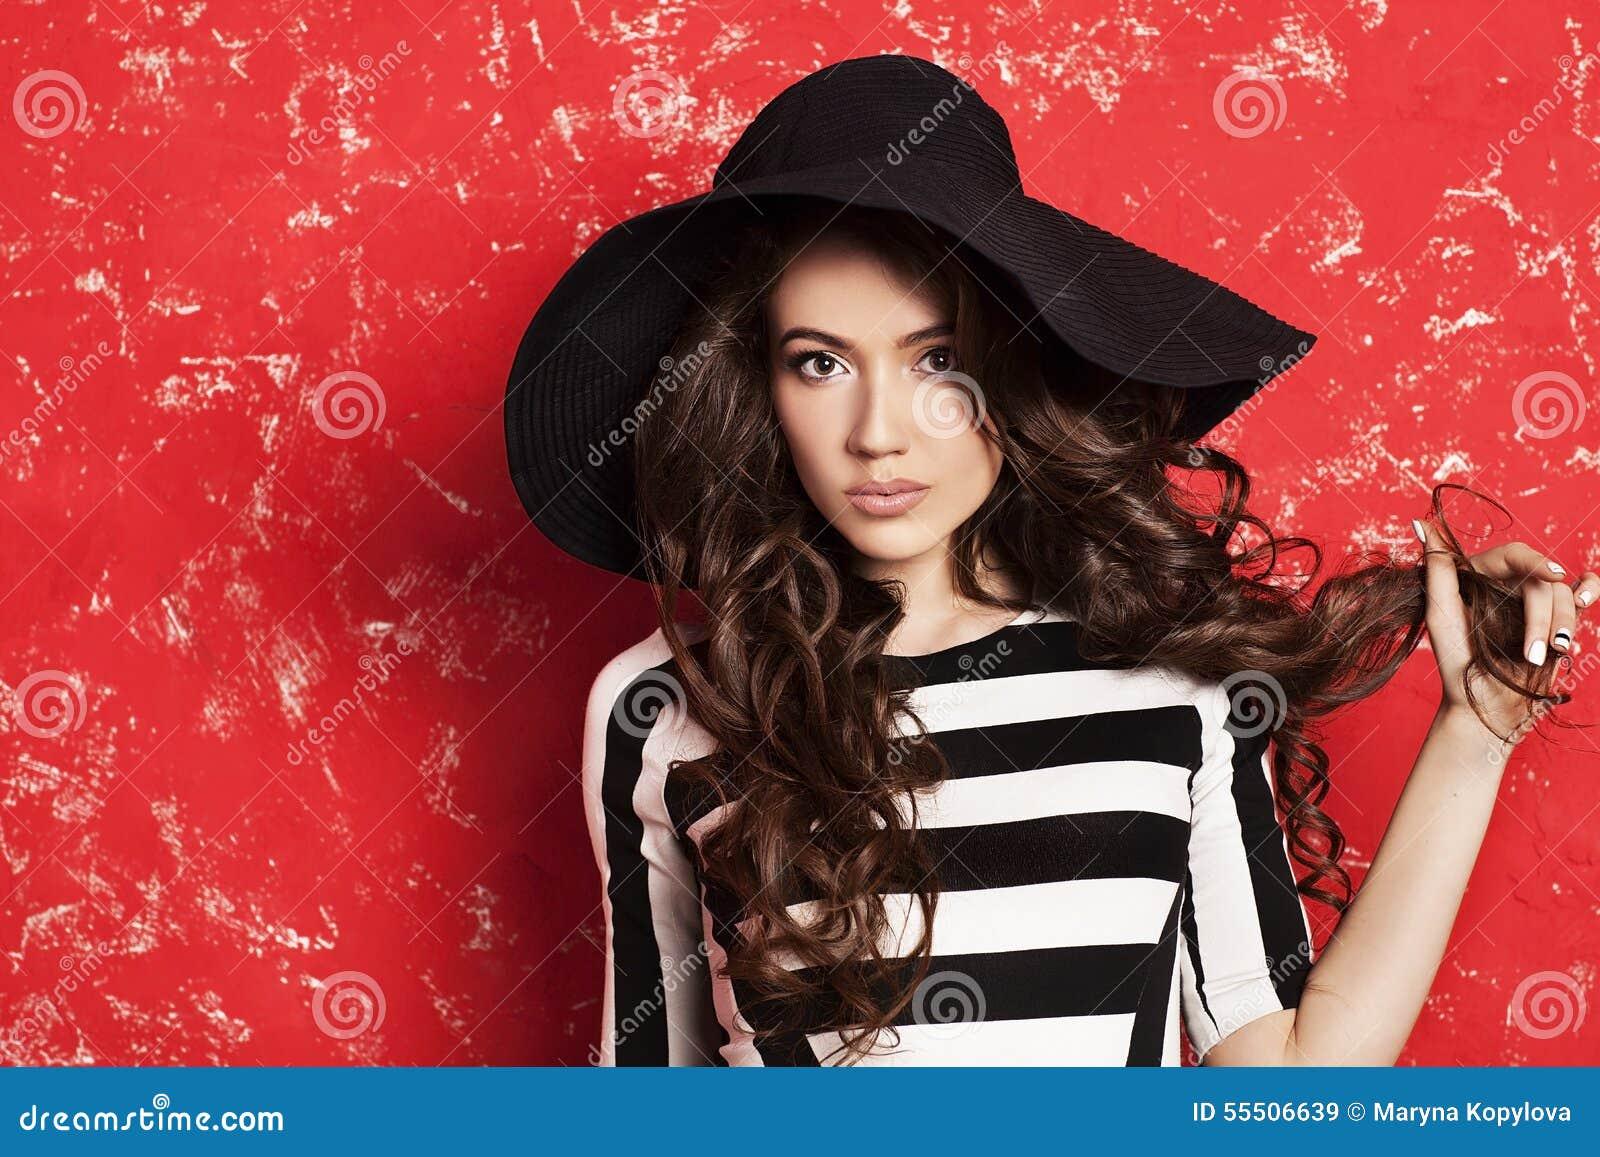 05ad3d12d3eb Bande in bianco e nero Modello di modo alla moda Alto vicino del fronte  Grande cappello Immagine variopinta